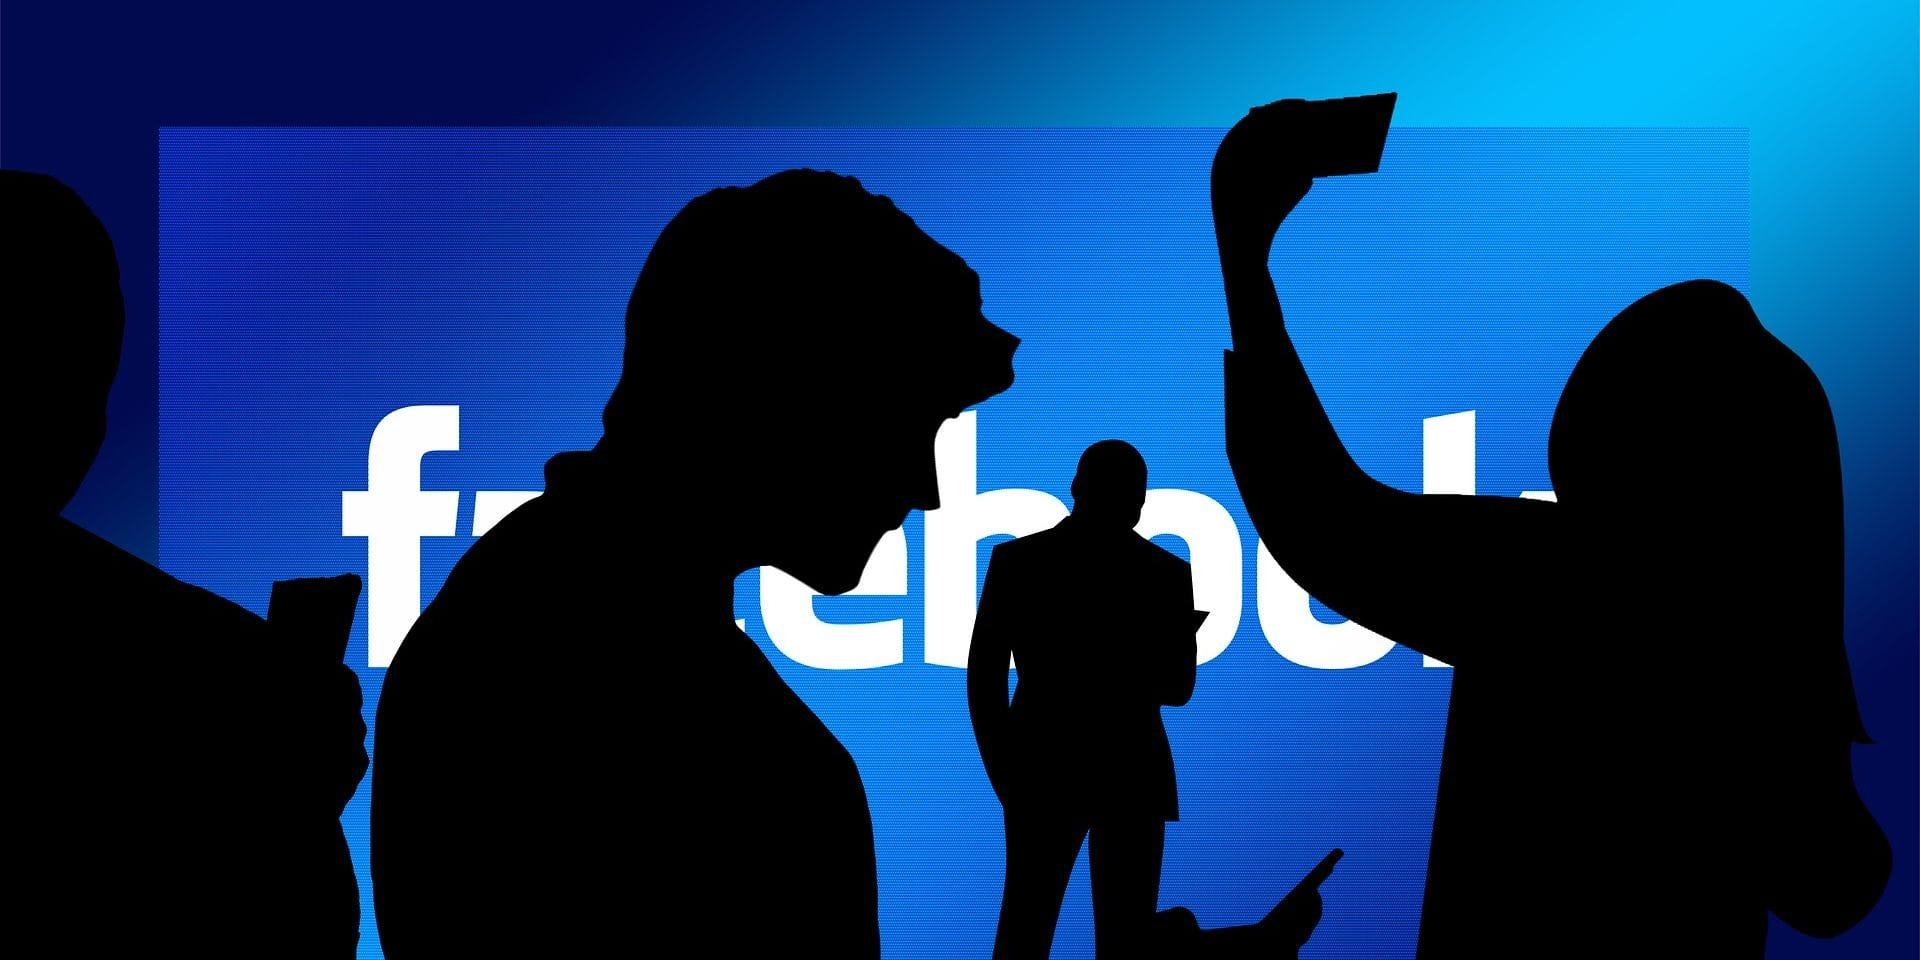 Les réseaux sociaux peuvent-ils être fraternels?